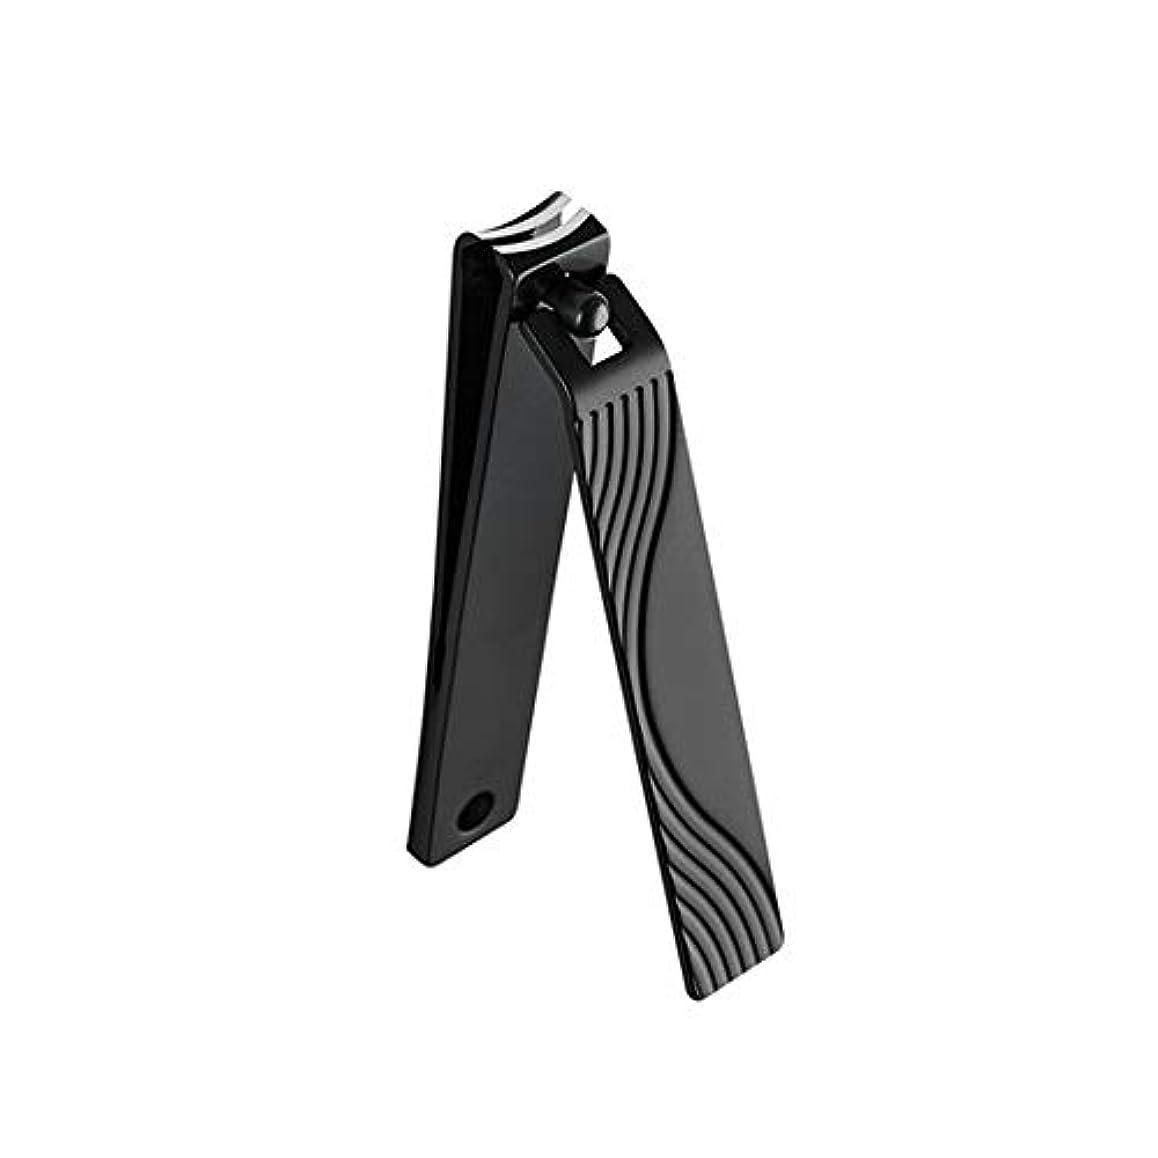 ビヨンハシー成功した飛び散り防止爪切り携帯便利男女兼用爪切り収納ケース付き、ブラック